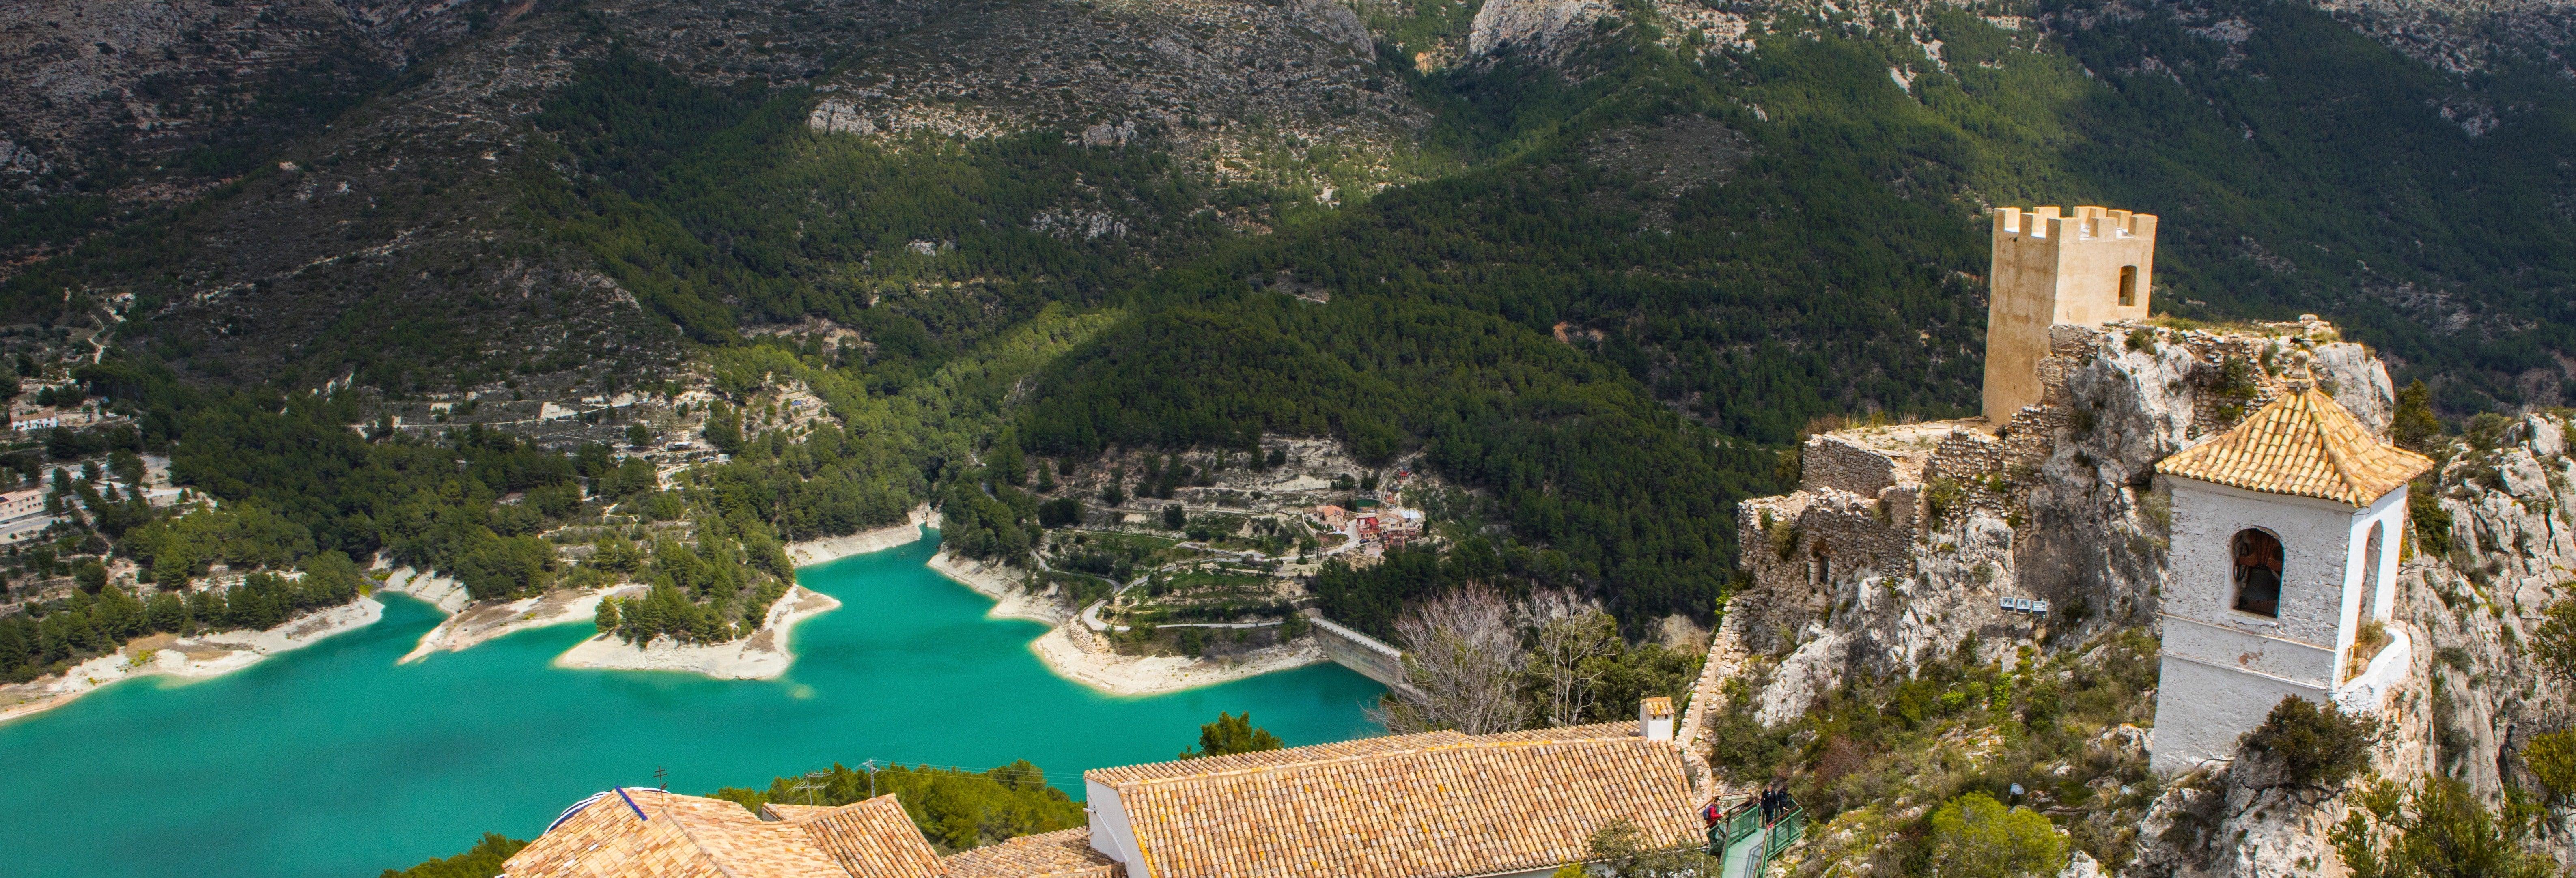 Excursion à Guadalest et aux sources de l'Algar